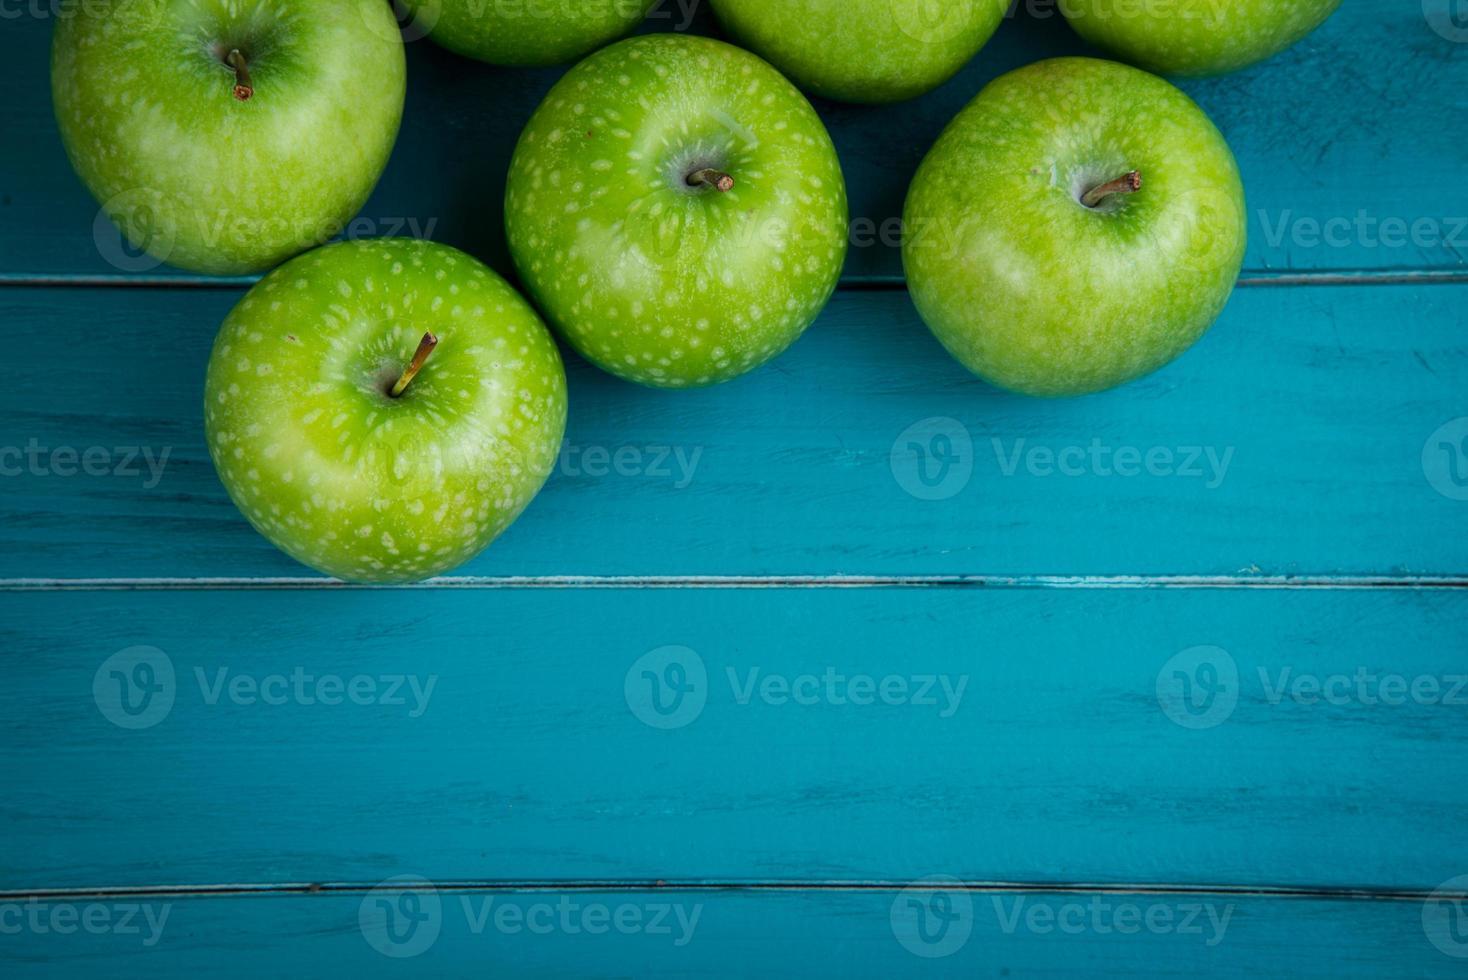 Ferme de pommes vertes biologiques fraîches sur table rétro en bois photo